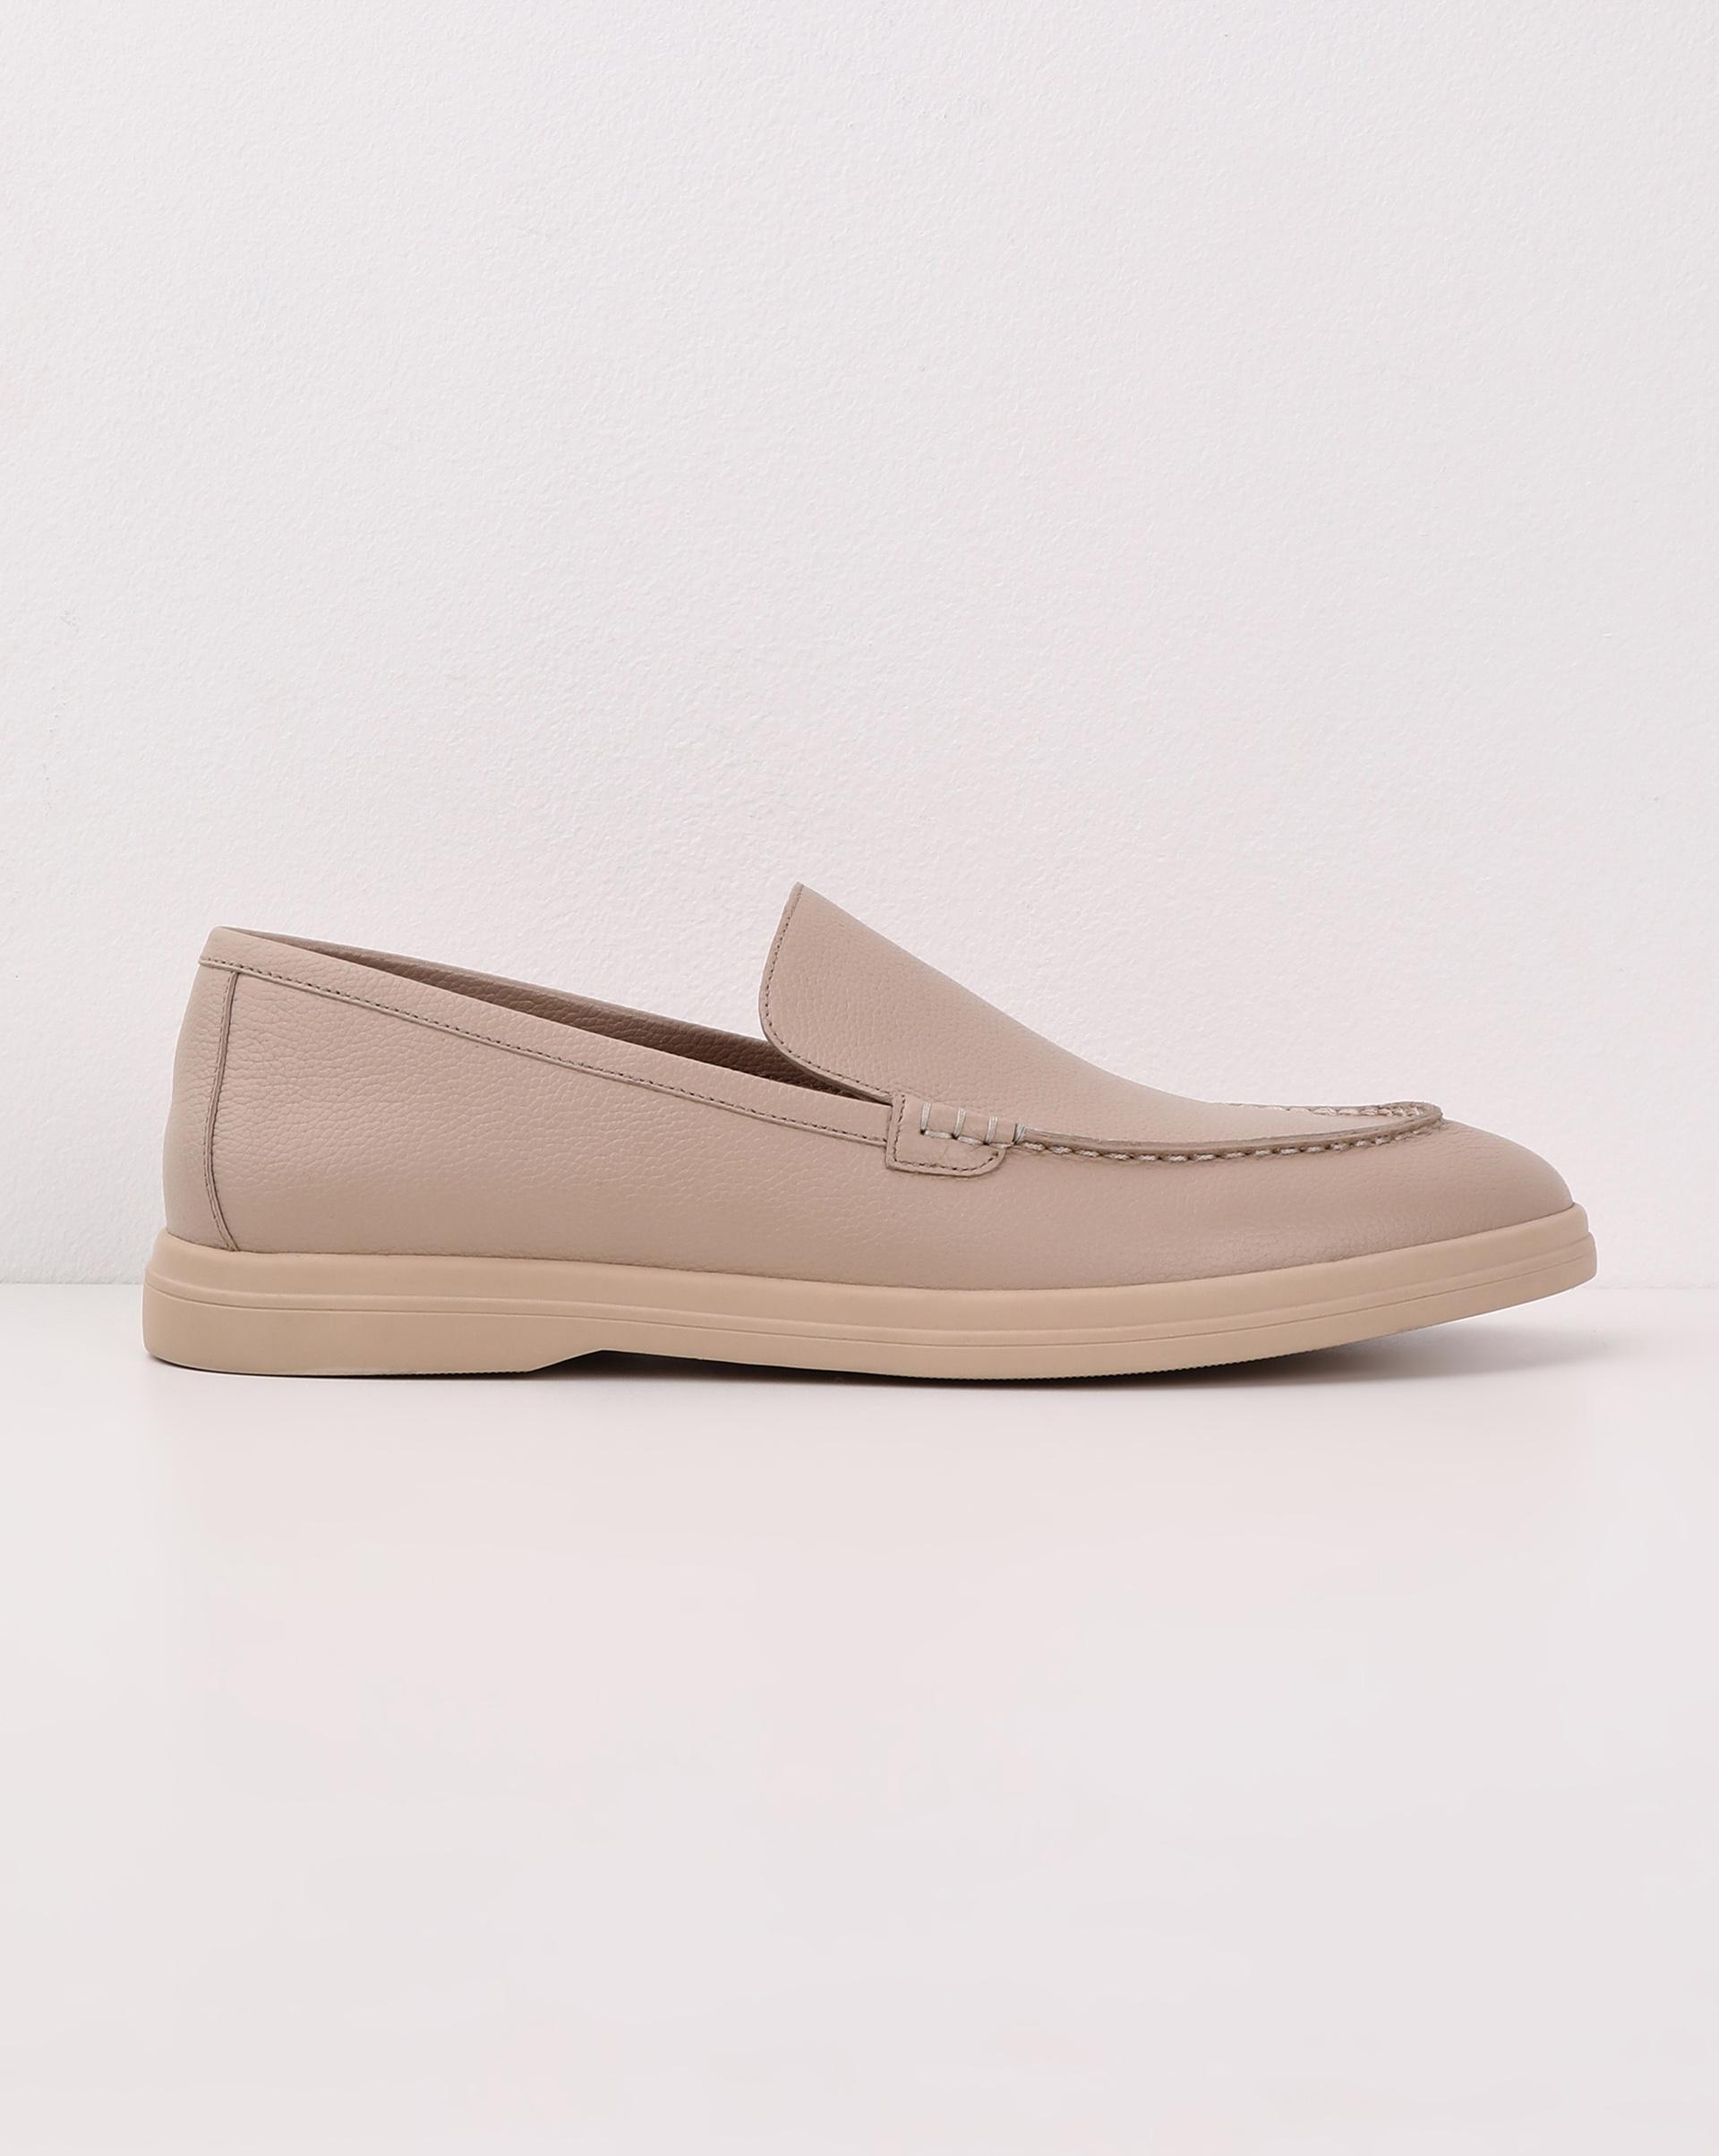 12STOREEZ Туфли-лоферы из фактурной кожи 12storeez туфли лоферы из меха